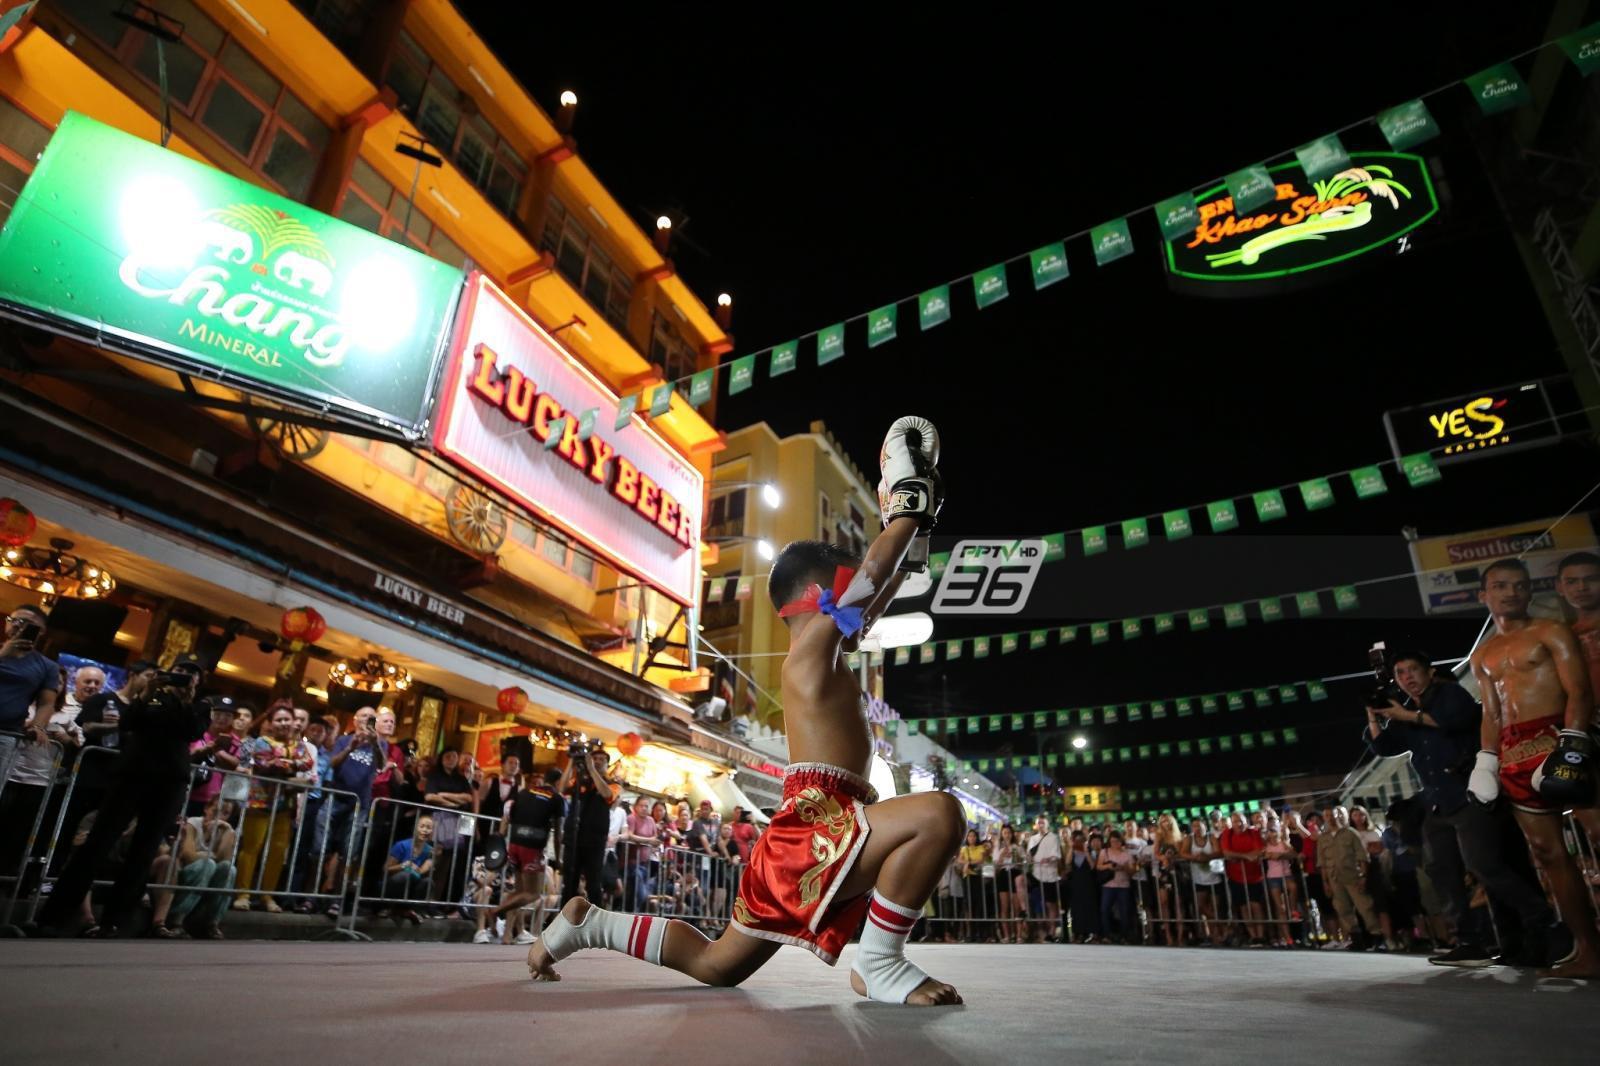 """""""เดิน กิน ชิม เที่ยว"""" ถนนคนเดินข้าวสารทุกวันจันทร์ ส่วนสีลมนัดหน้า 19 ม.ค. 63"""